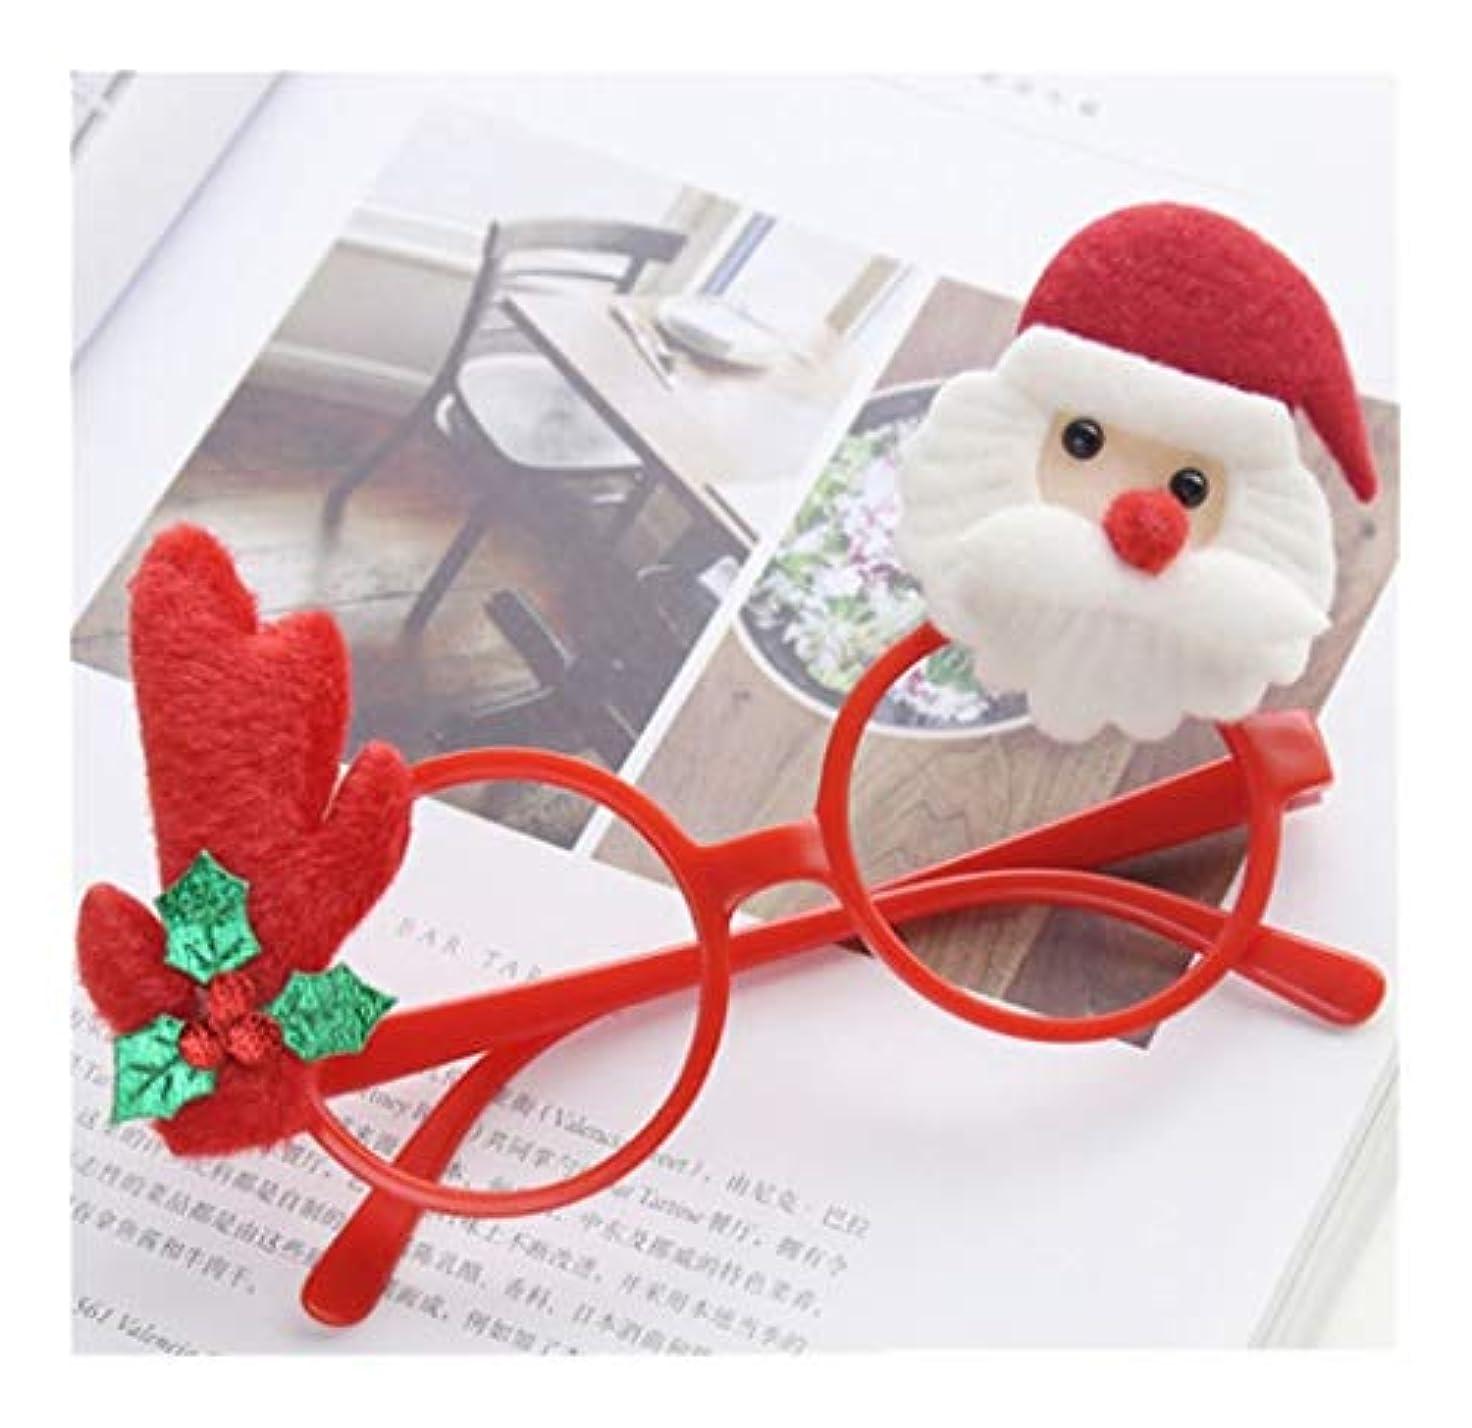 間隔去る野生クリスマスギフトクリスマスは、クリスマスは(利用可能な4つのスタイル)消耗品まで創造的な漫画のヘラジカメガネ休日のドレスを装飾フレーム子供のヘアアクセサリーメガネ (スタイル : 4#)